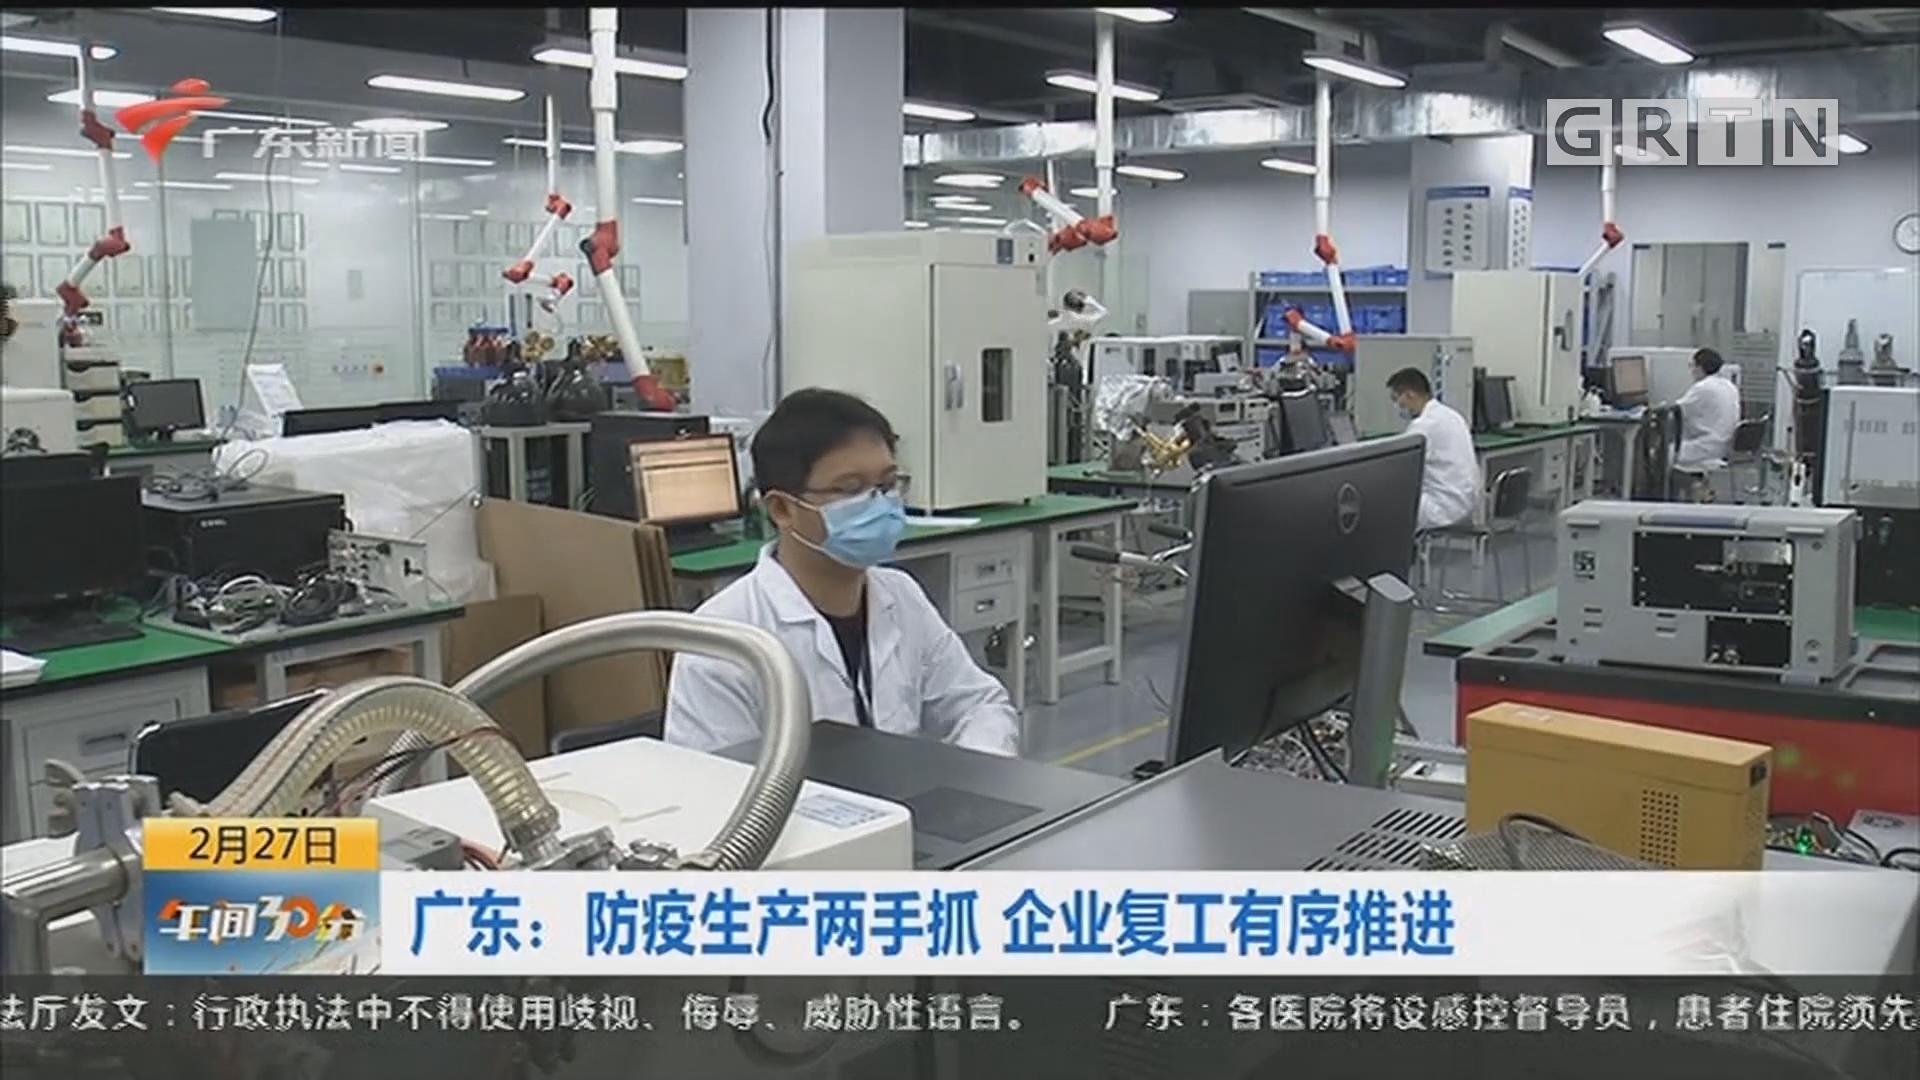 广东:防疫生产两手抓 企业复工有序推进